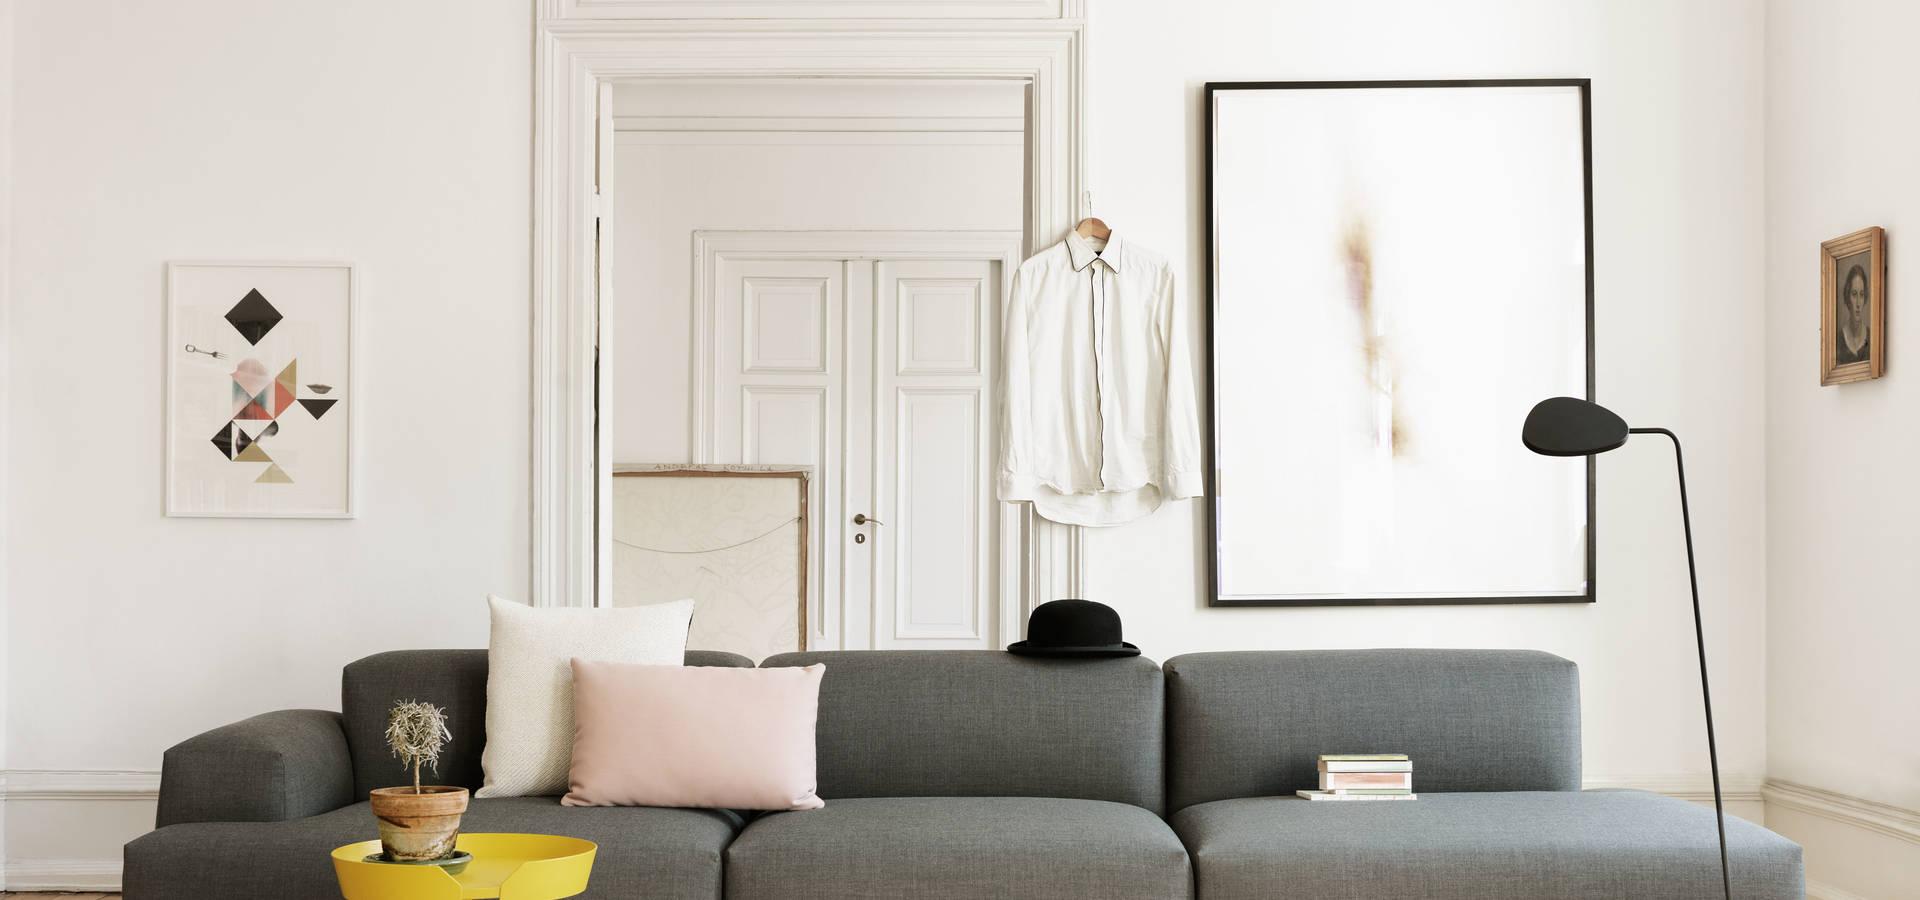 99chairs raumausstatter interior designer in berlin